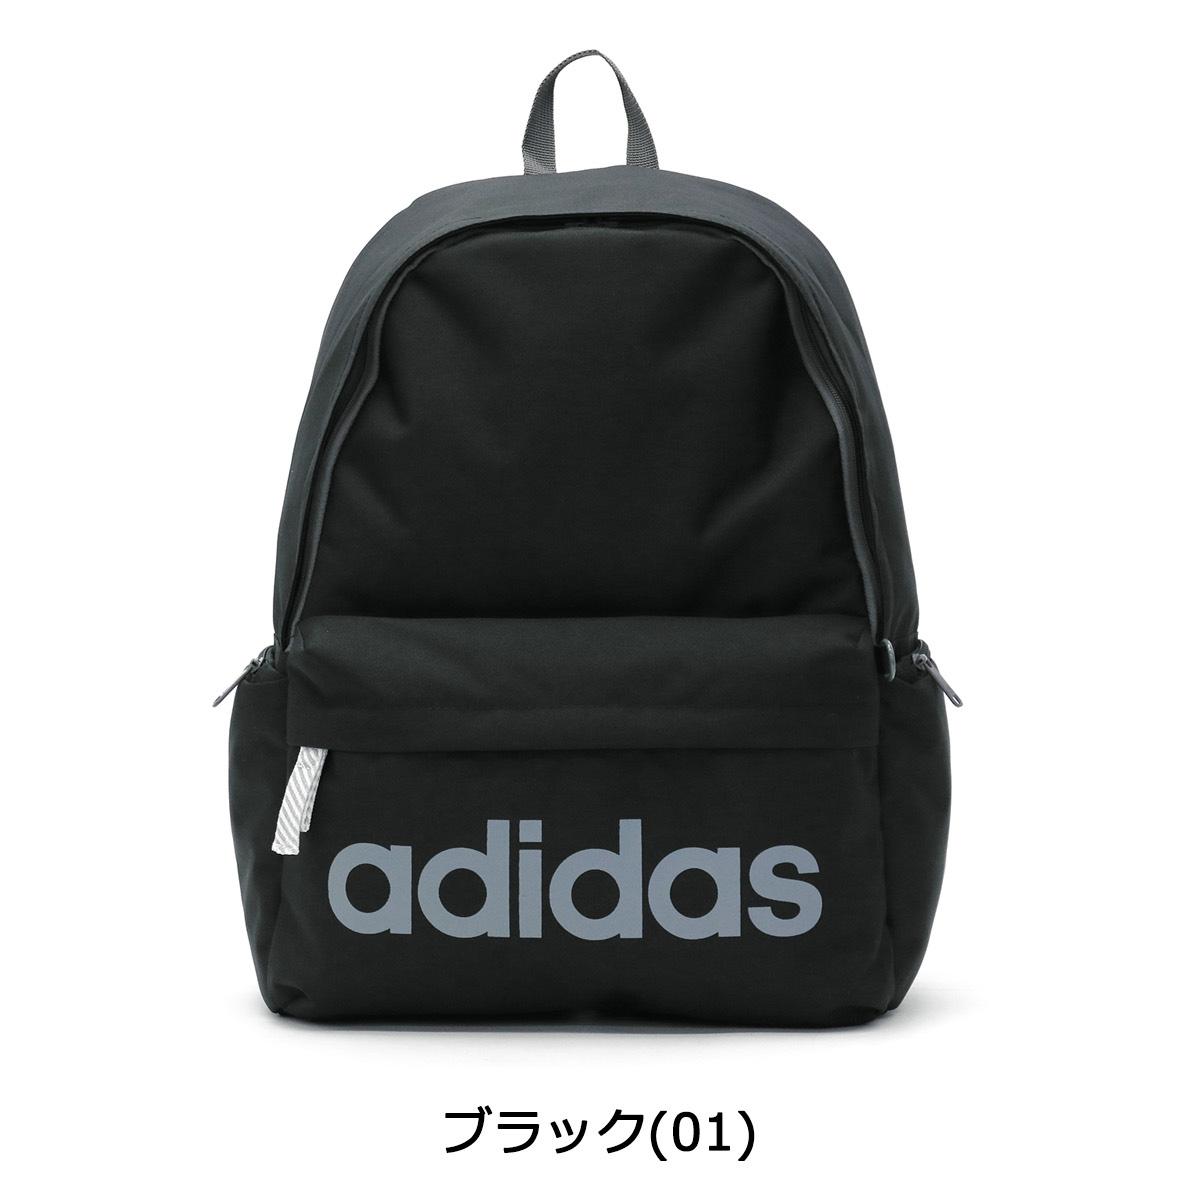 GALLERIA Bag-Luggage  adidas school bag rucksack school 23L sports ... 32df30863840e